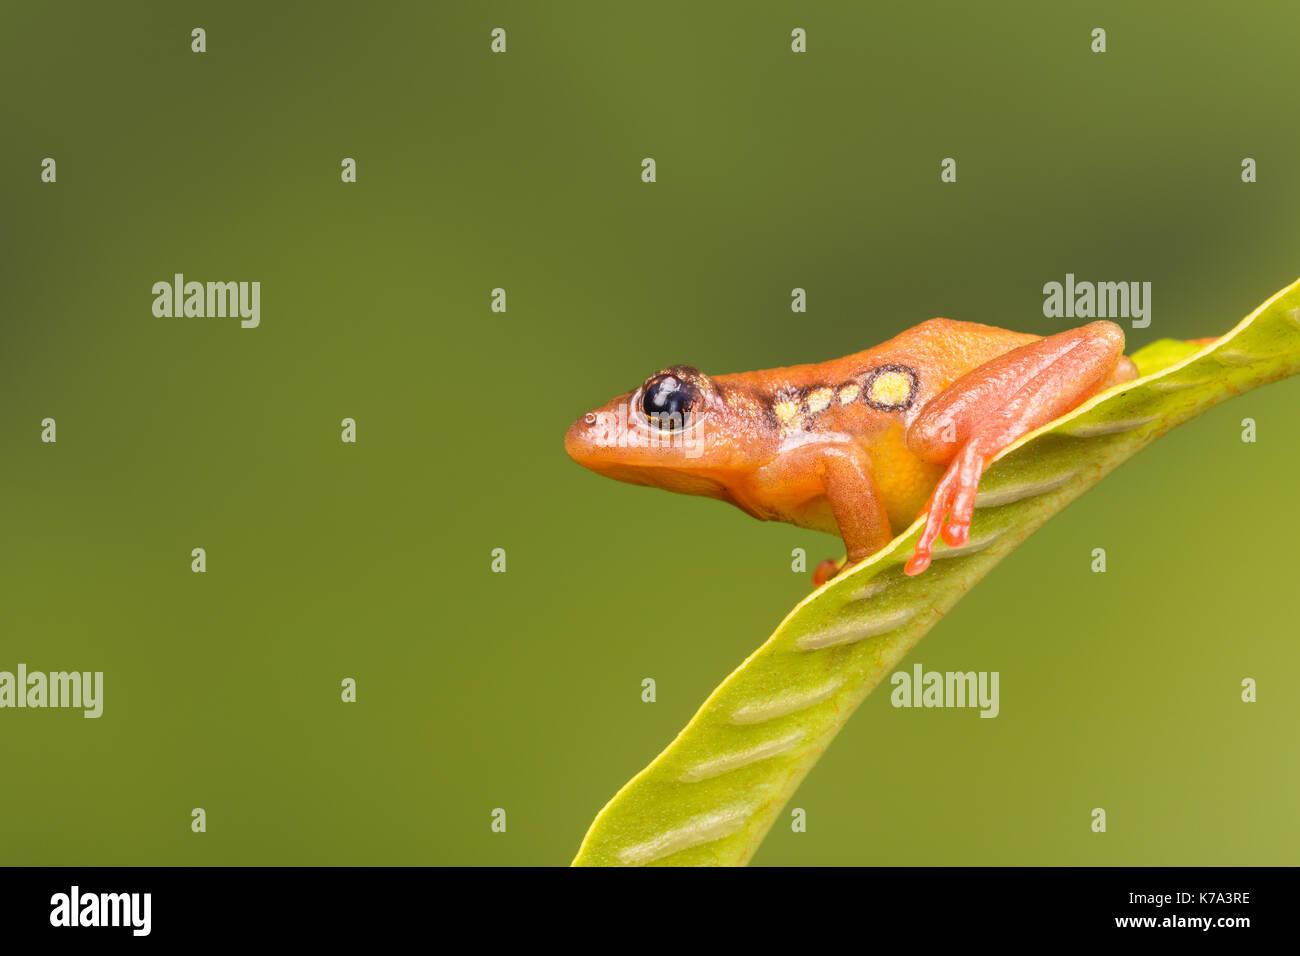 Bright orange golden sedge frog sitting on a green leaf - Stock Image